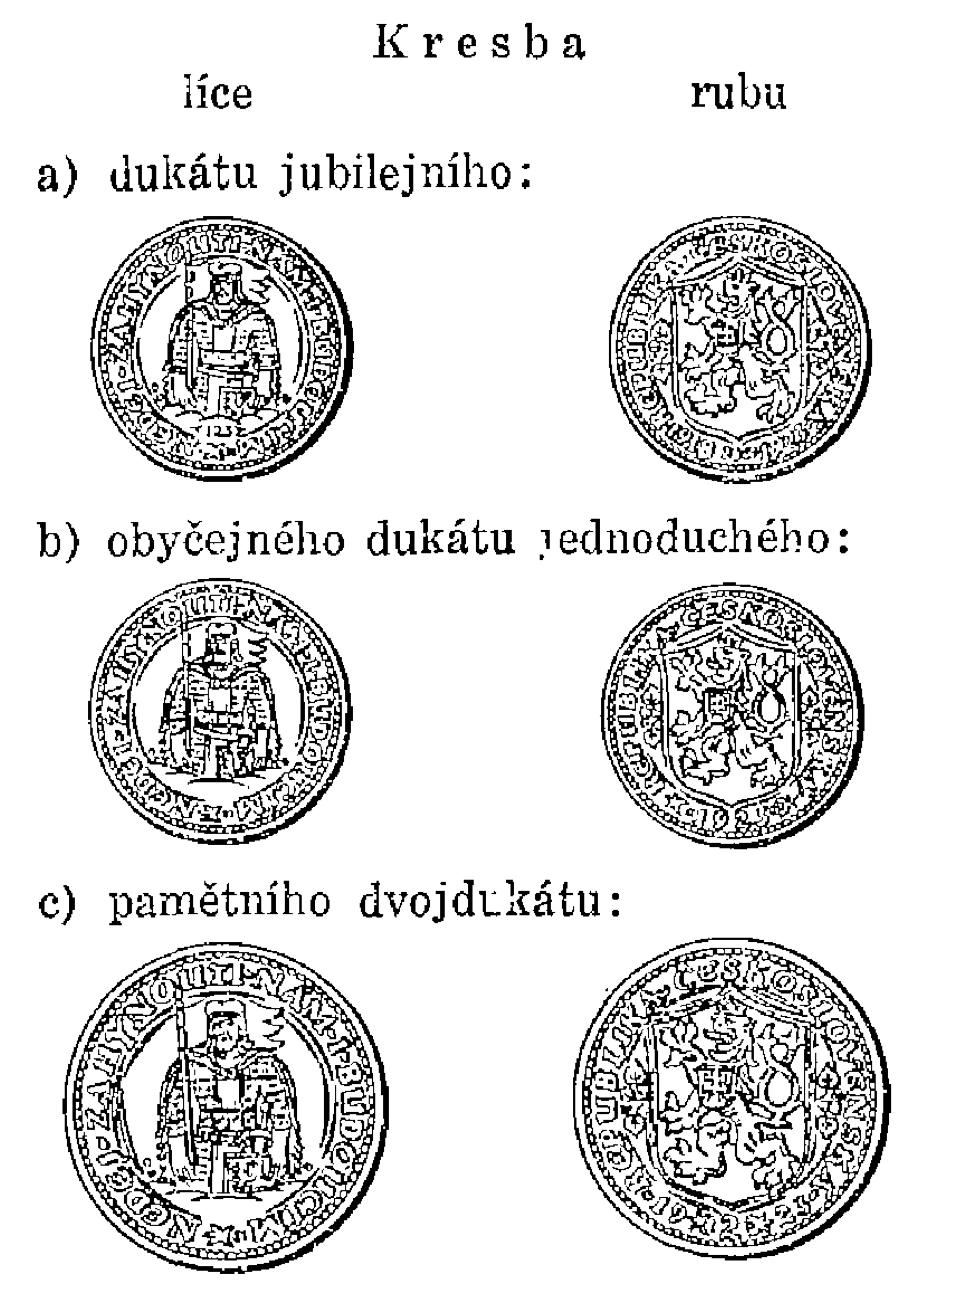 svatovaclavský-dukat-kresba